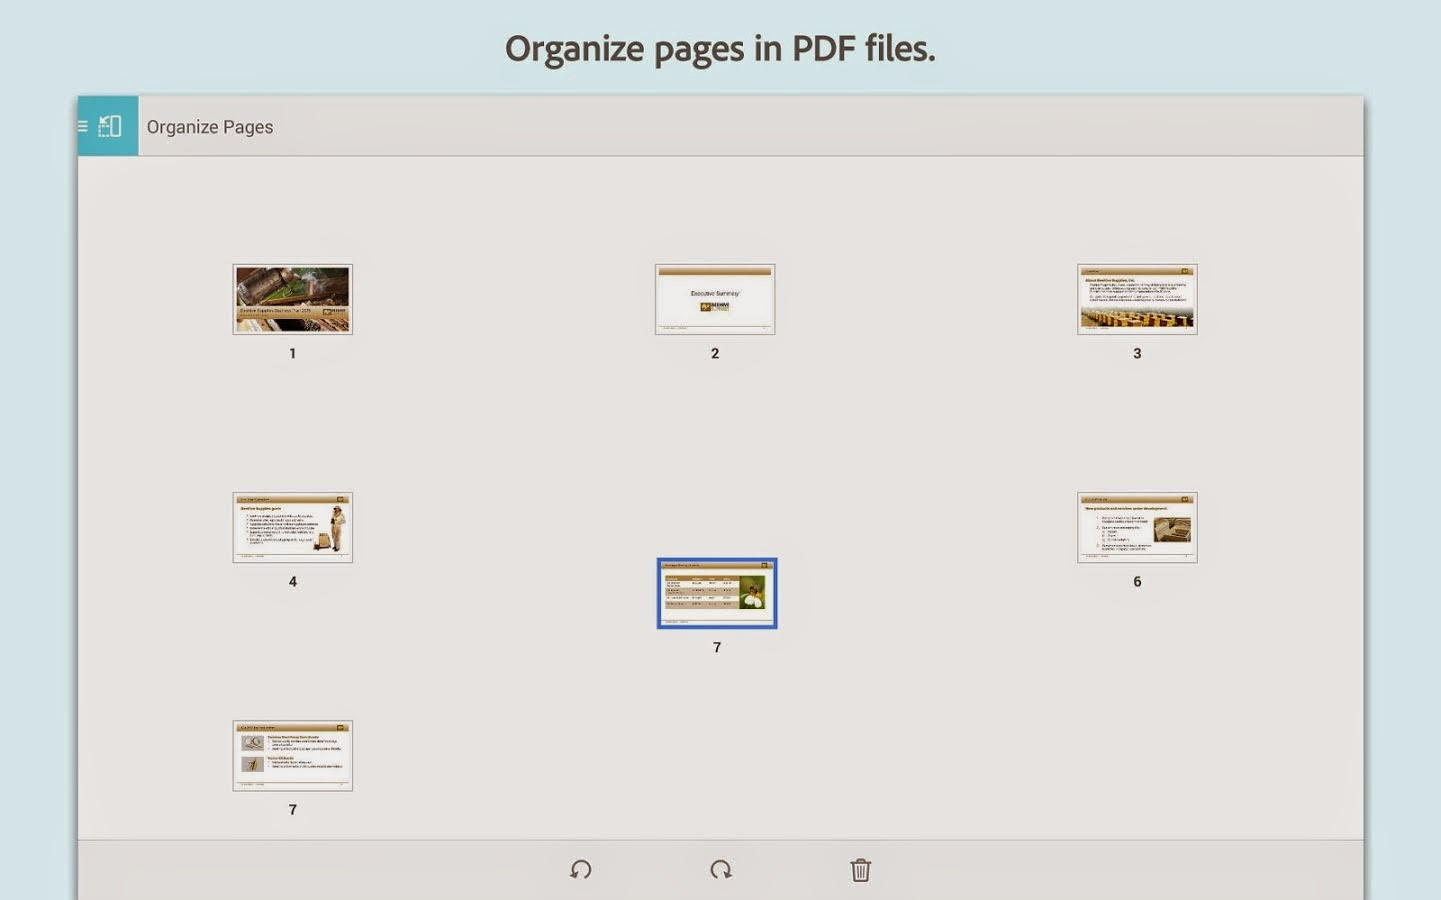 برنامج  Adobe Reader  أدوبي ريدر لعرض ملفات  PDF  على الهاتف الذكي